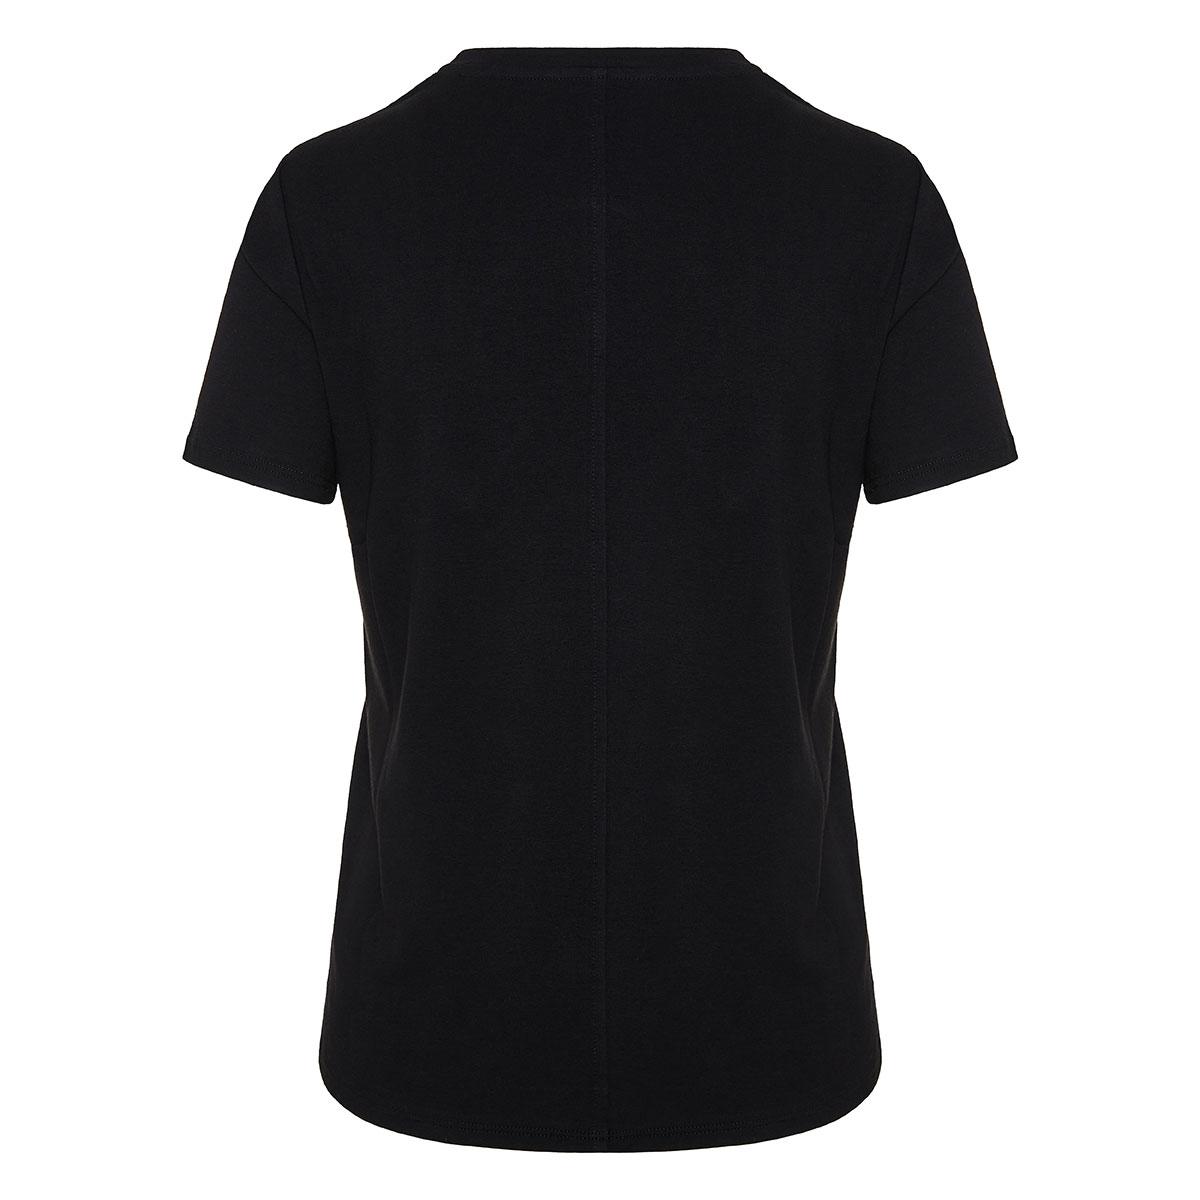 Ankara jersey t-shirt